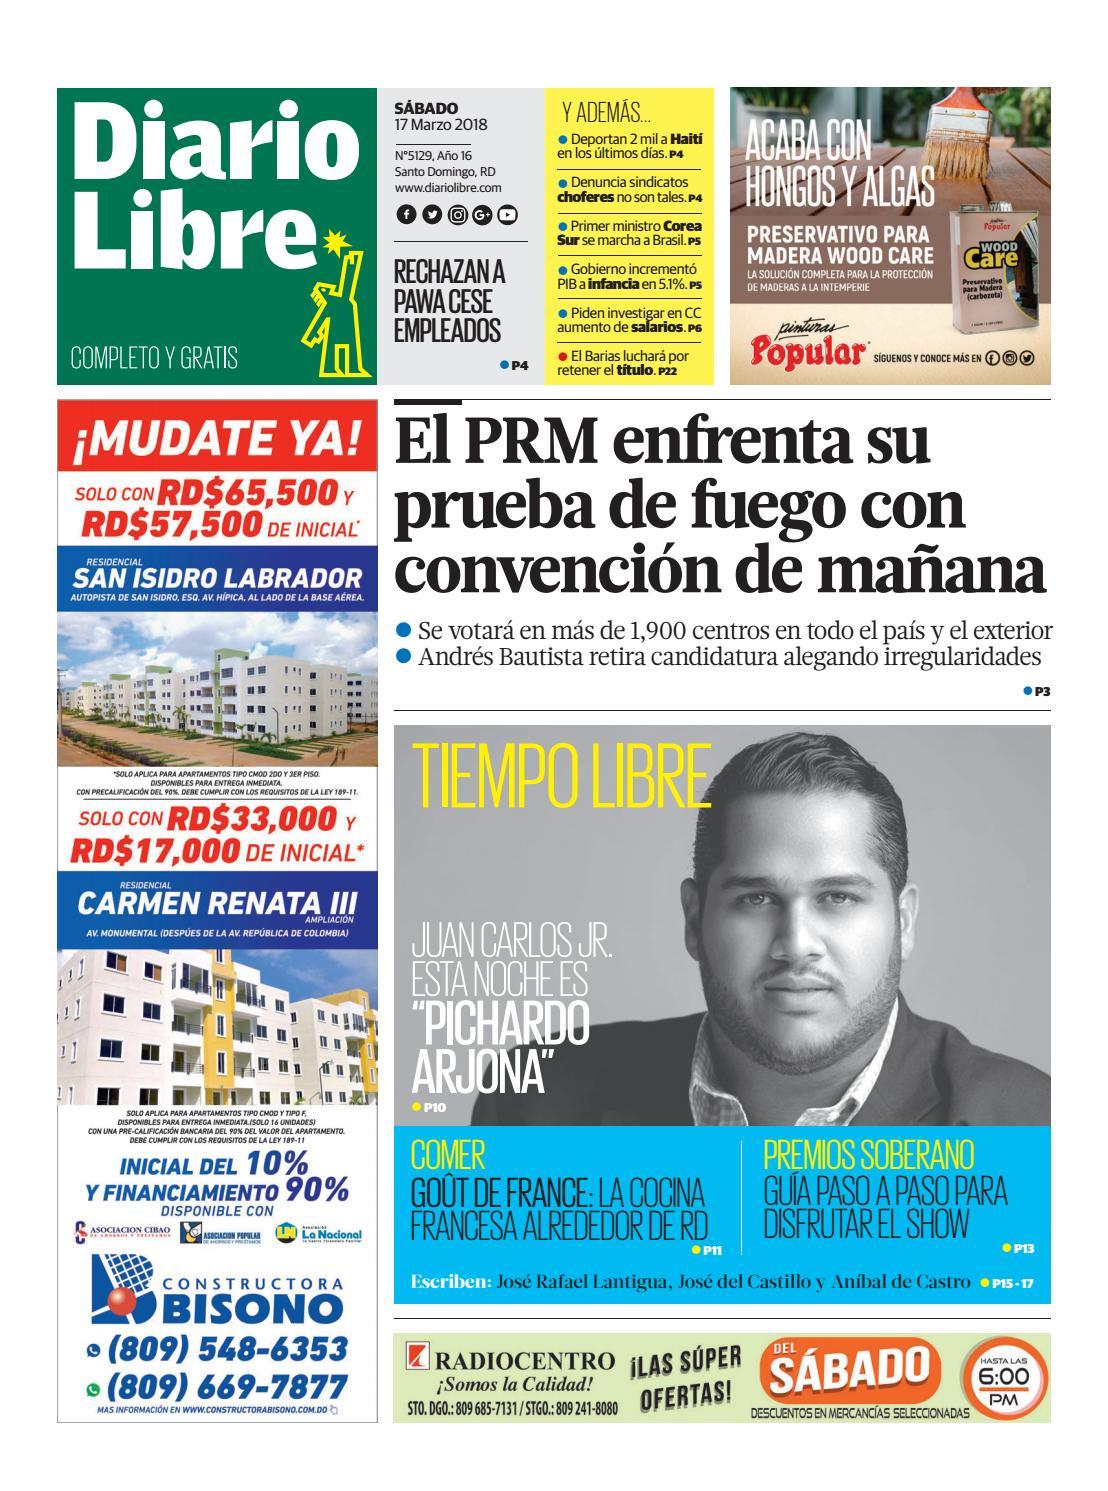 Diariolibre5129 by Grupo Diario Libre, S. A. - issuu